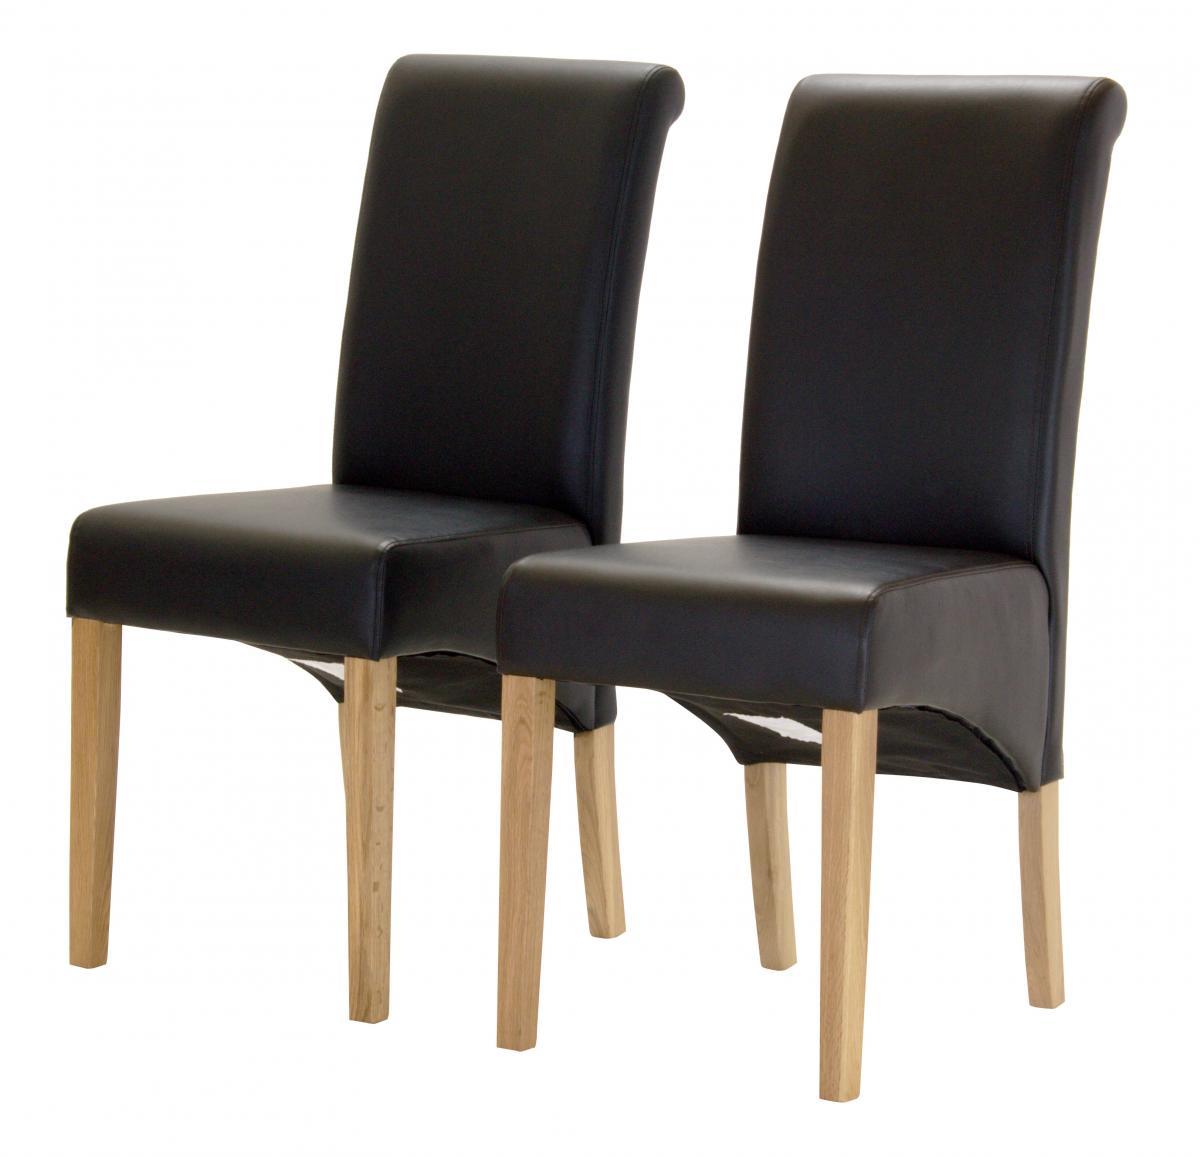 Havana PU Chair with Oak Legs